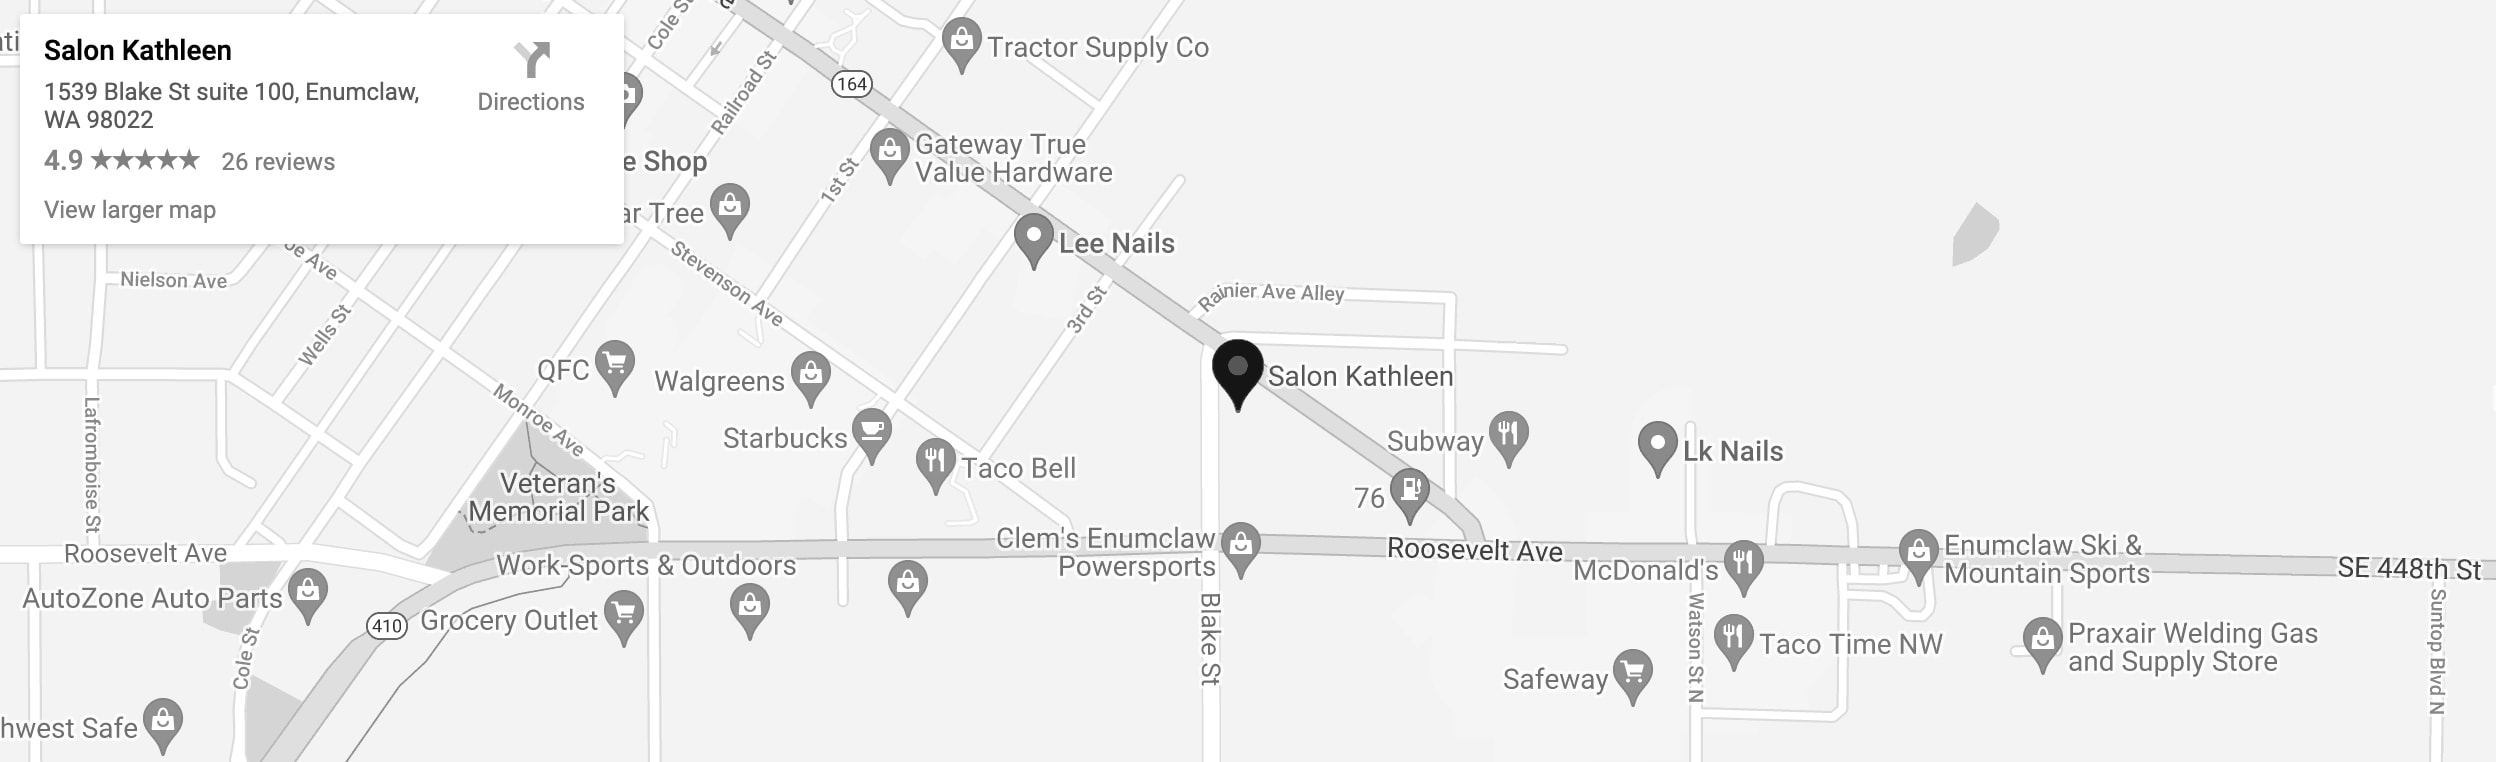 salon-kathleen-map